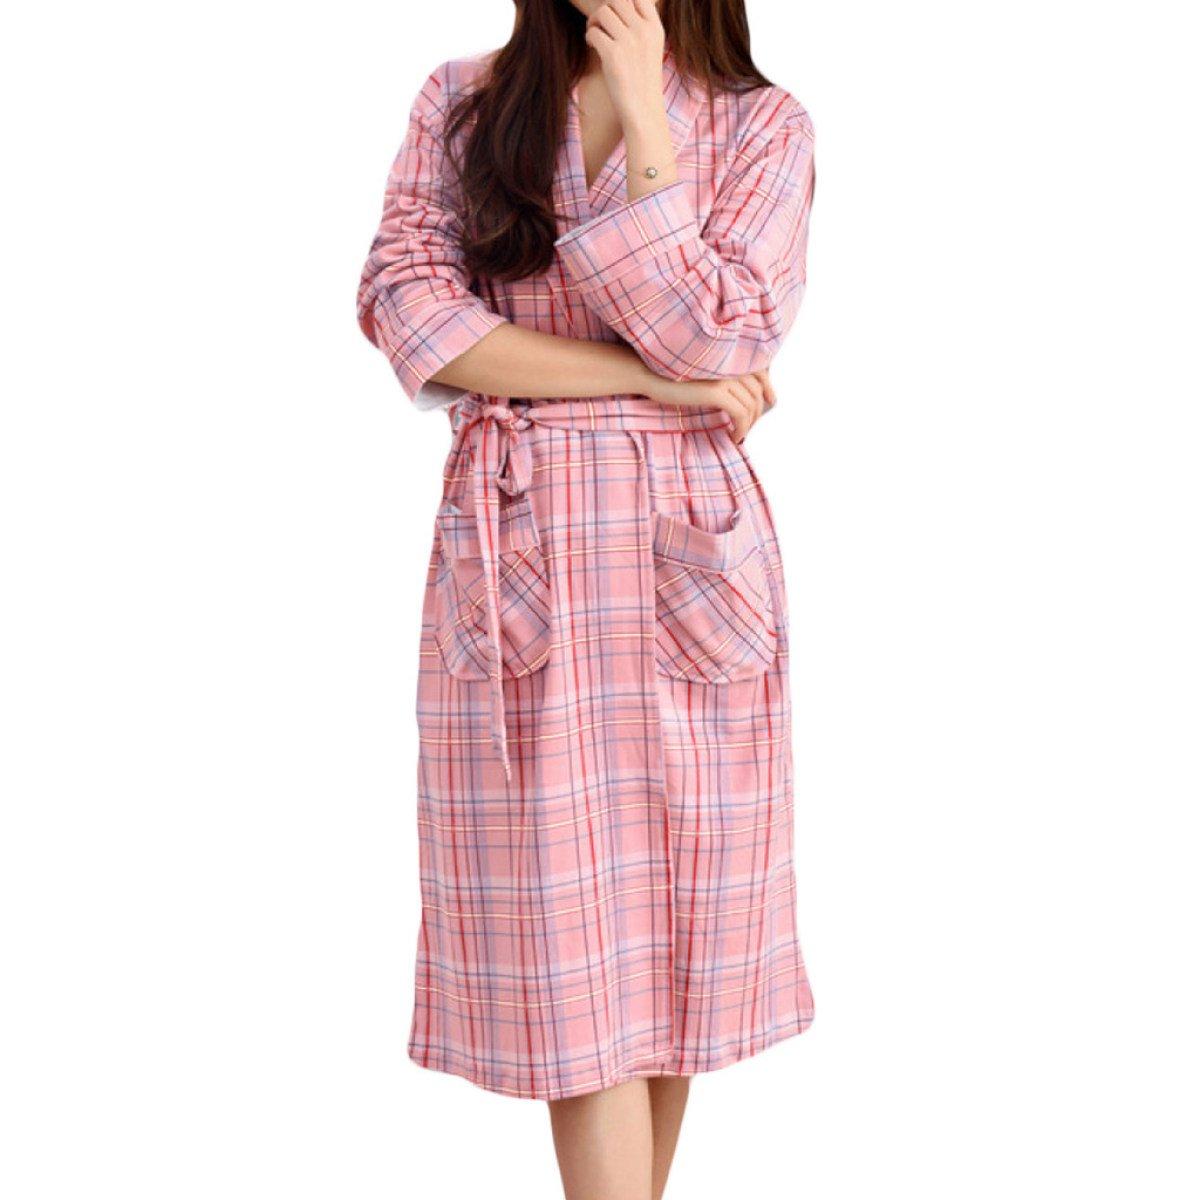 Mujeres Algodón Kimono Plaid Suelta Manga Suelta Camisón Camisón ...